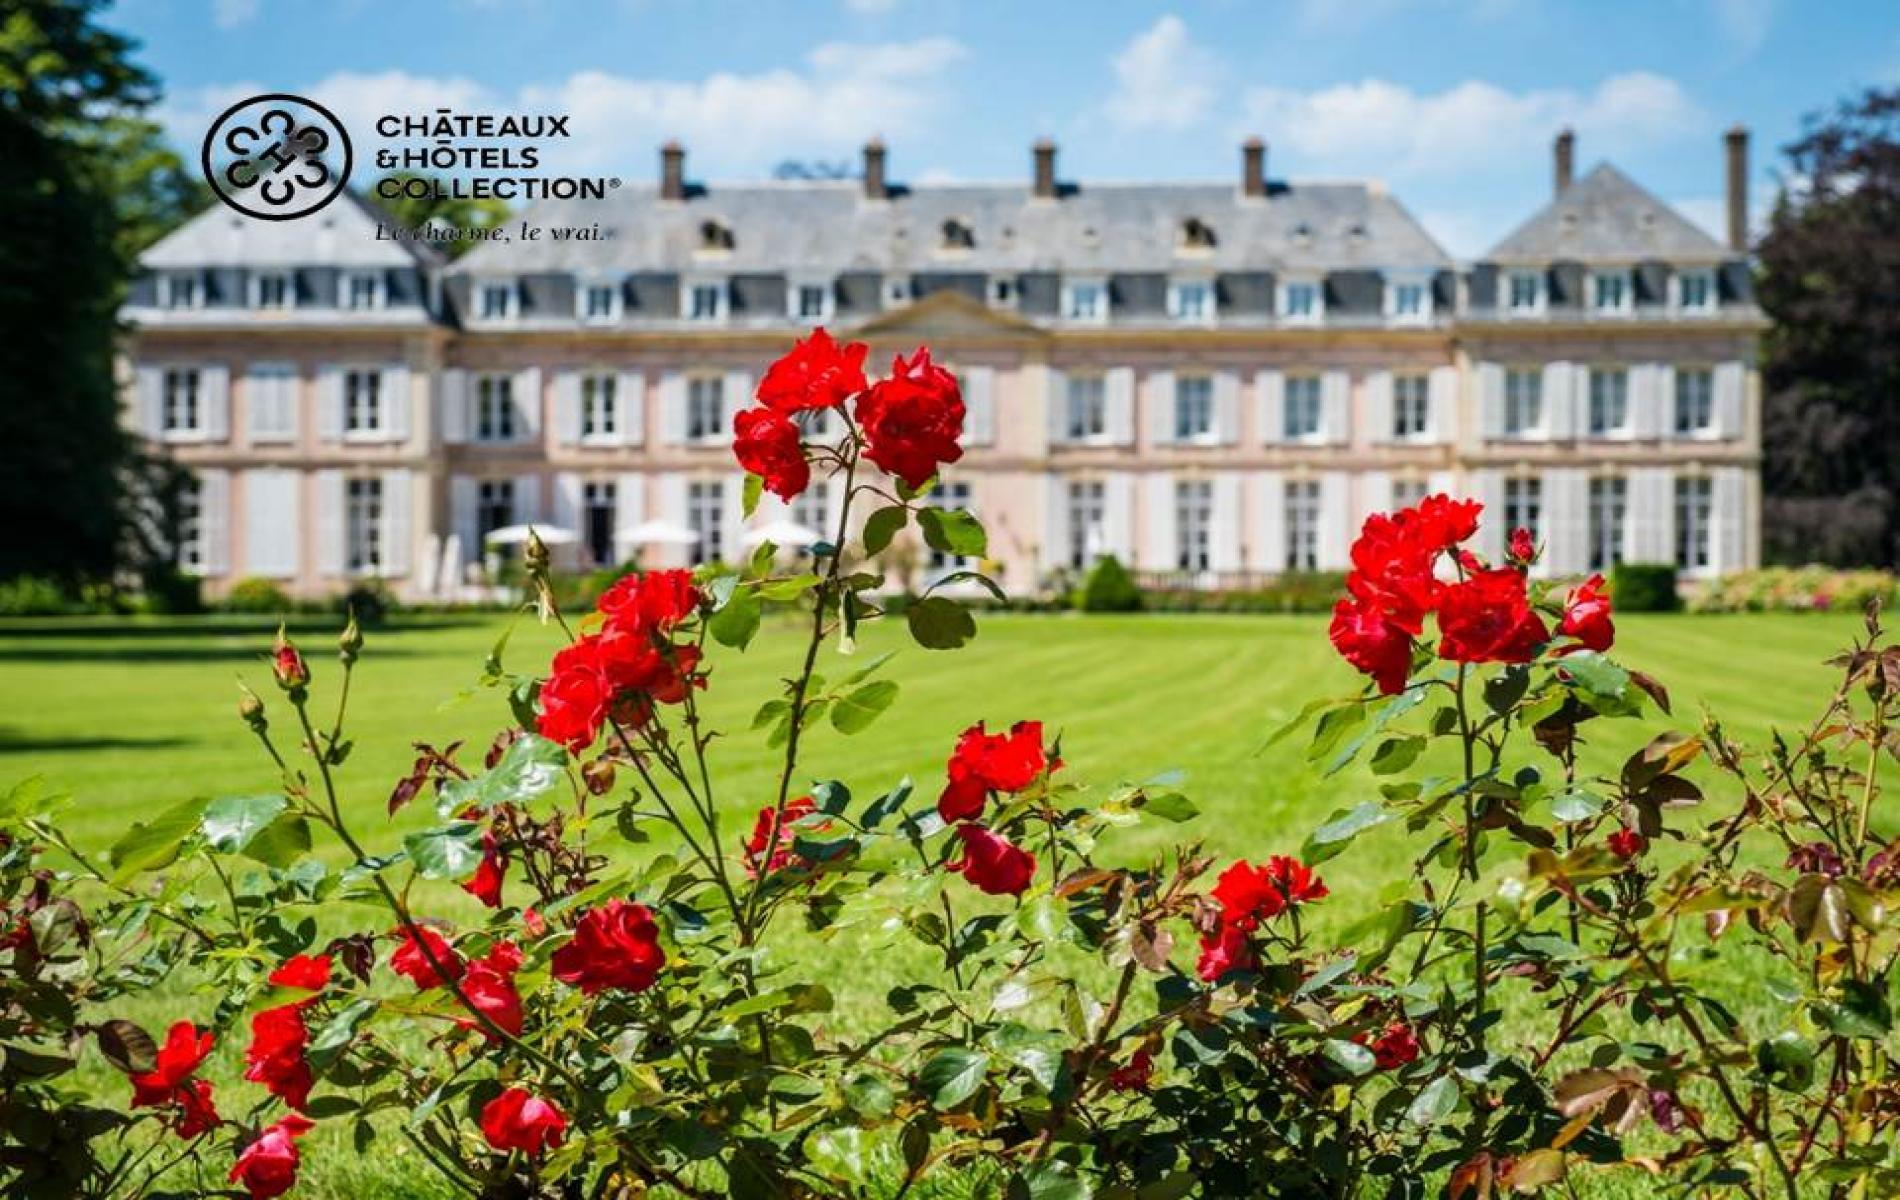 Hôtel de charme en Normandie